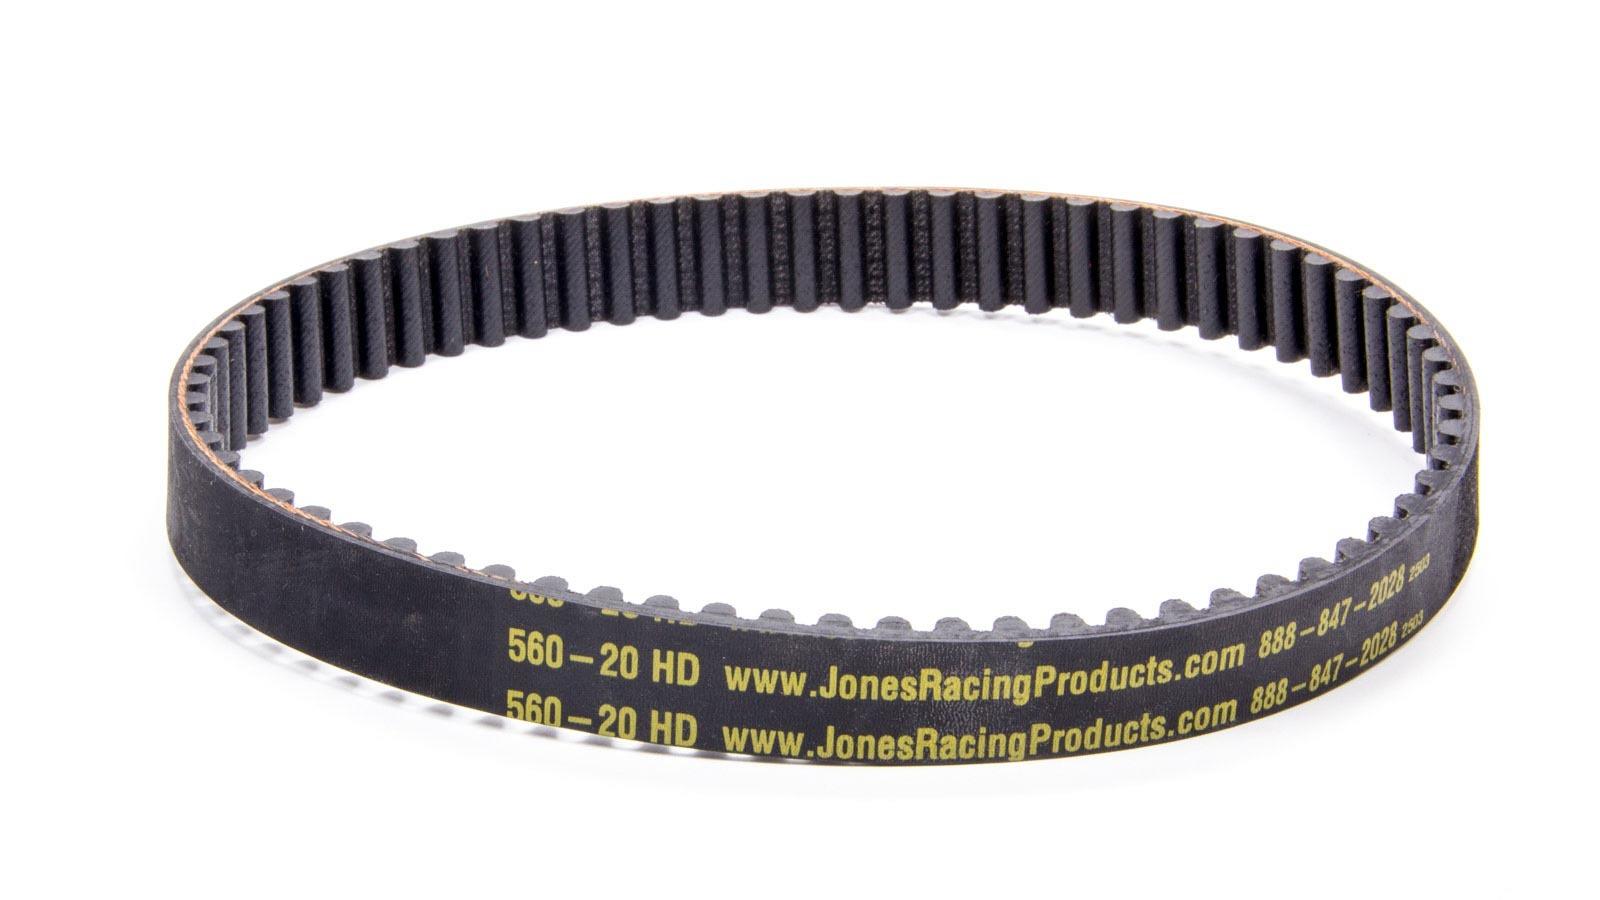 HTD Belt 25.827in Long 20mm Wide